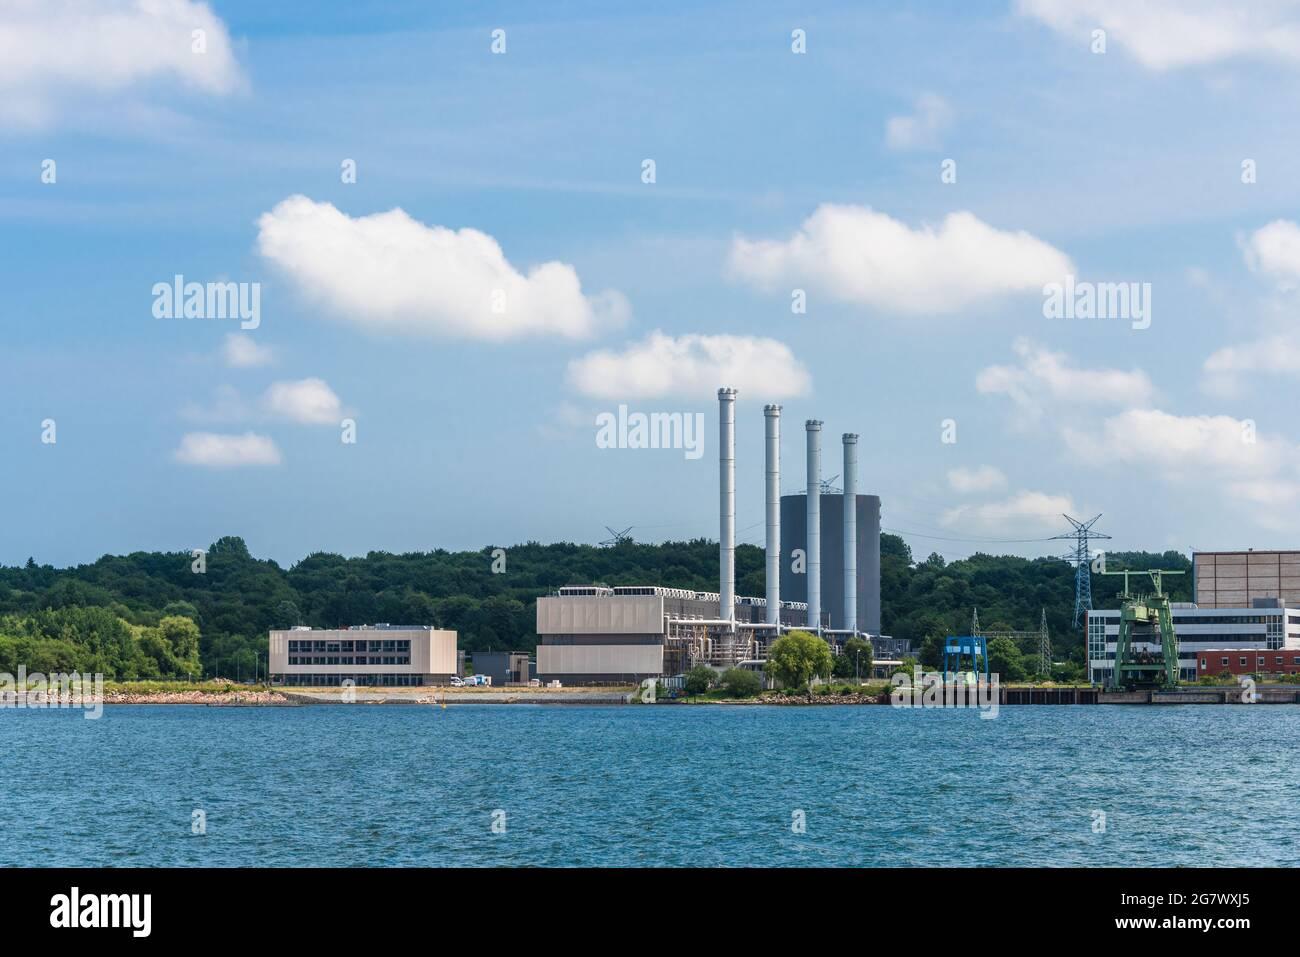 Das auf dem Ostufer der Kiler Förde befindliche Gaskraftwerk zur Wärmegewinnung Foto de stock